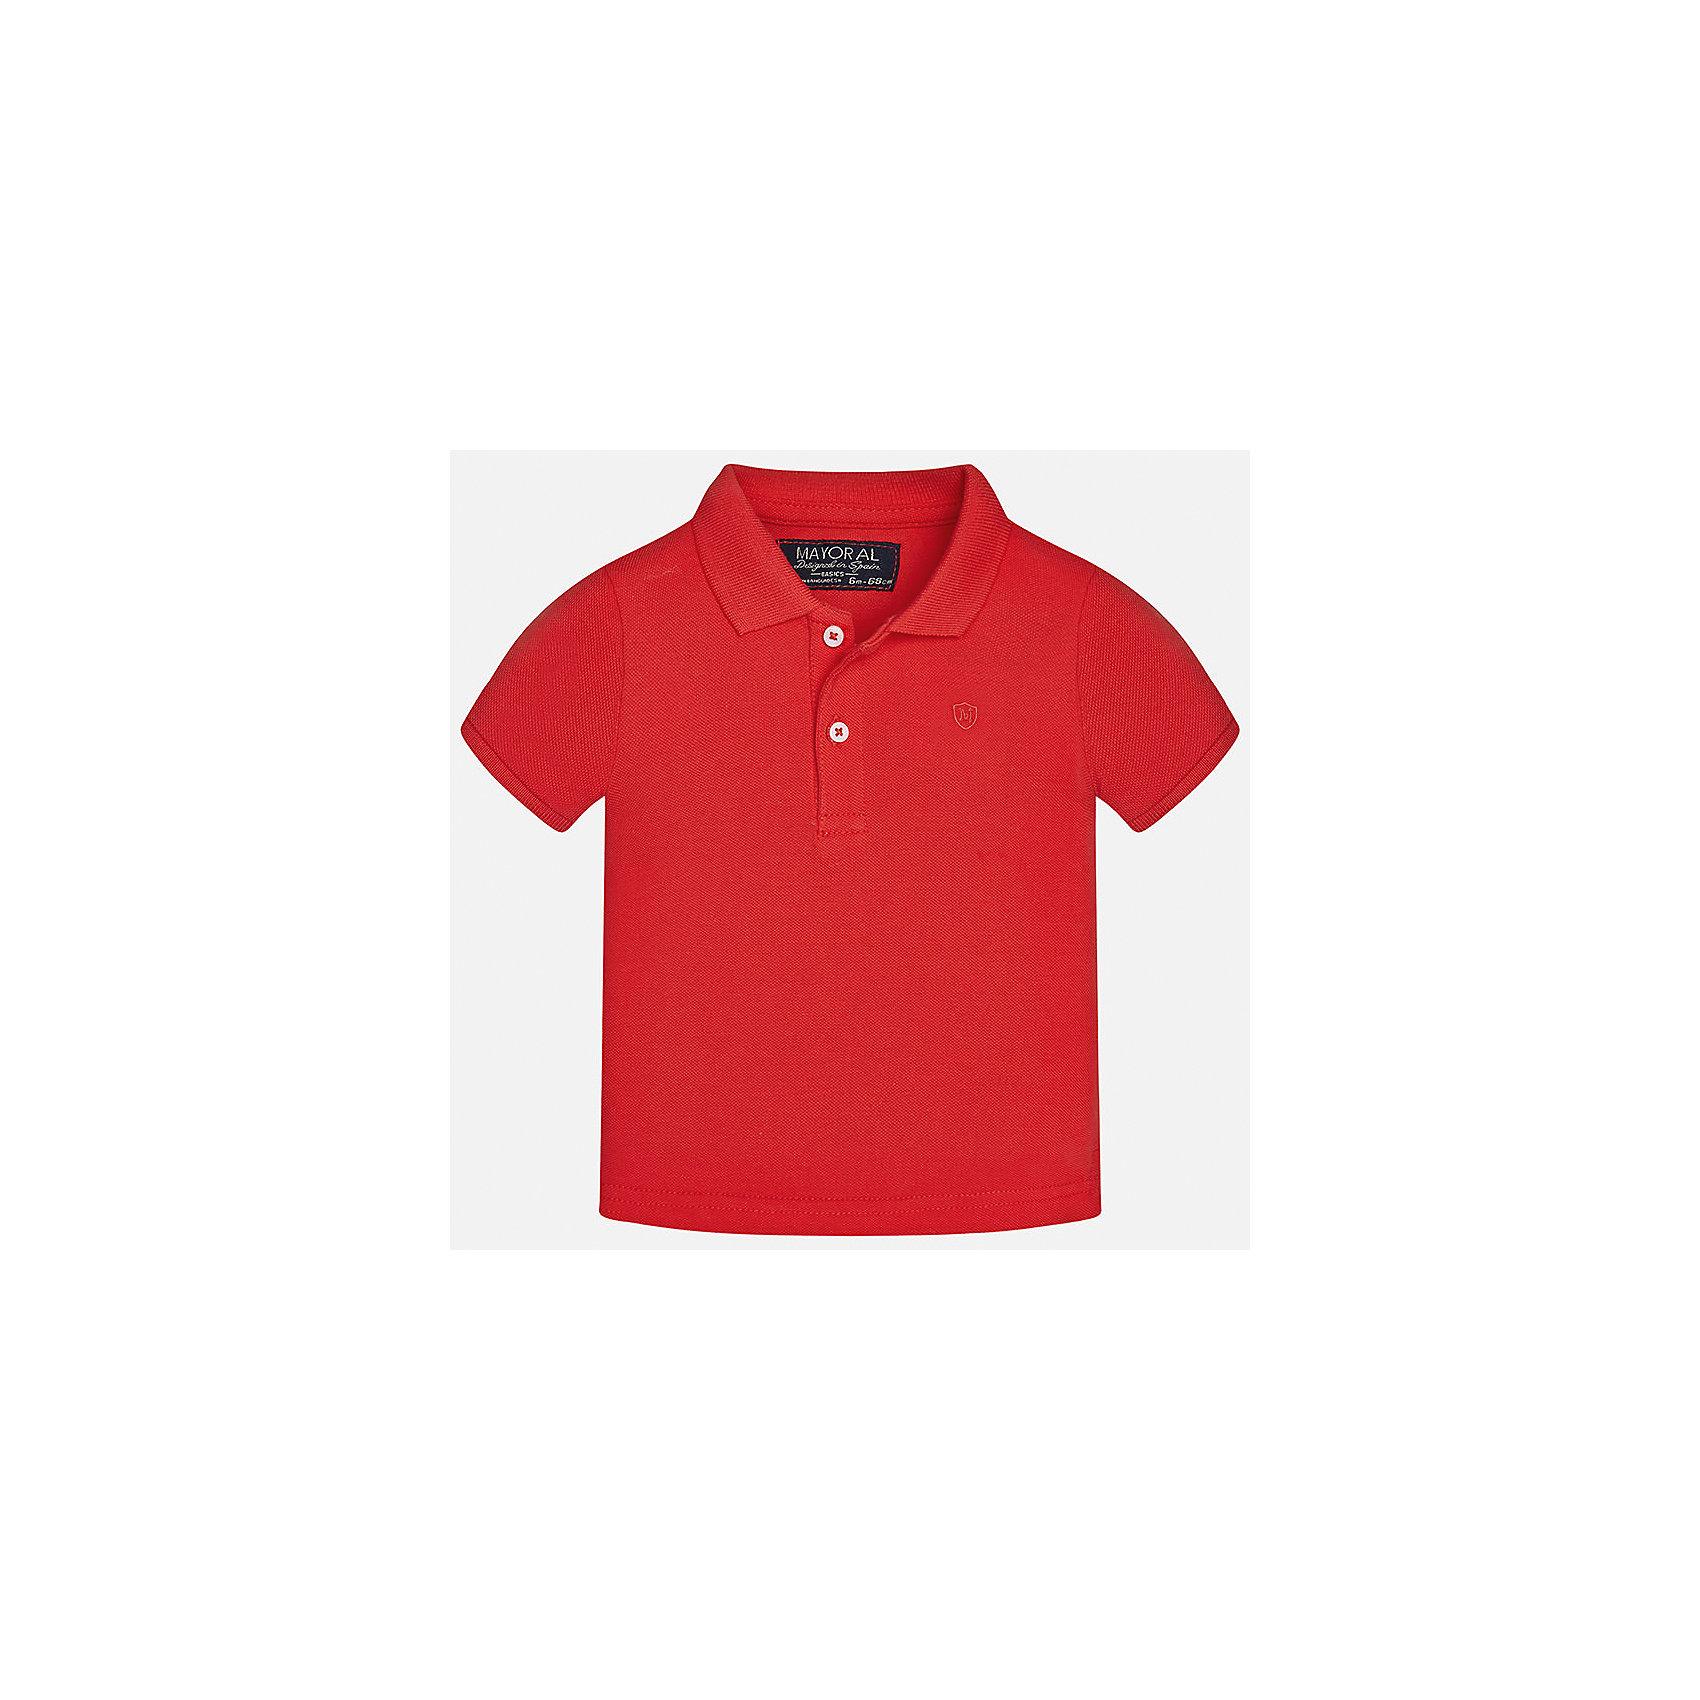 Футболка-поло для мальчика MayoralФутболки, поло и топы<br>Характеристики товара:<br><br>• цвет: красный<br>• состав: 100% хлопок<br>• отложной воротник<br>• короткие рукава<br>• застежка: пуговицы<br>• вышивка на груди<br>• страна бренда: Испания<br><br>Удобная и модная футболка-поло для мальчика может стать базовой вещью в гардеробе ребенка. Она отлично сочетается с брюками, шортами, джинсами и т.д. Универсальный крой и цвет позволяет подобрать к вещи низ разных расцветок. Практичное и стильное изделие! В составе материала - только натуральный хлопок, гипоаллергенный, приятный на ощупь, дышащий.<br><br>Одежда, обувь и аксессуары от испанского бренда Mayoral полюбились детям и взрослым по всему миру. Модели этой марки - стильные и удобные. Для их производства используются только безопасные, качественные материалы и фурнитура. Порадуйте ребенка модными и красивыми вещами от Mayoral! <br><br>Футболку-поло для мальчика от испанского бренда Mayoral (Майорал) можно купить в нашем интернет-магазине.<br><br>Ширина мм: 230<br>Глубина мм: 40<br>Высота мм: 220<br>Вес г: 250<br>Цвет: розовый<br>Возраст от месяцев: 12<br>Возраст до месяцев: 15<br>Пол: Мужской<br>Возраст: Детский<br>Размер: 80,74,92,86<br>SKU: 5277663